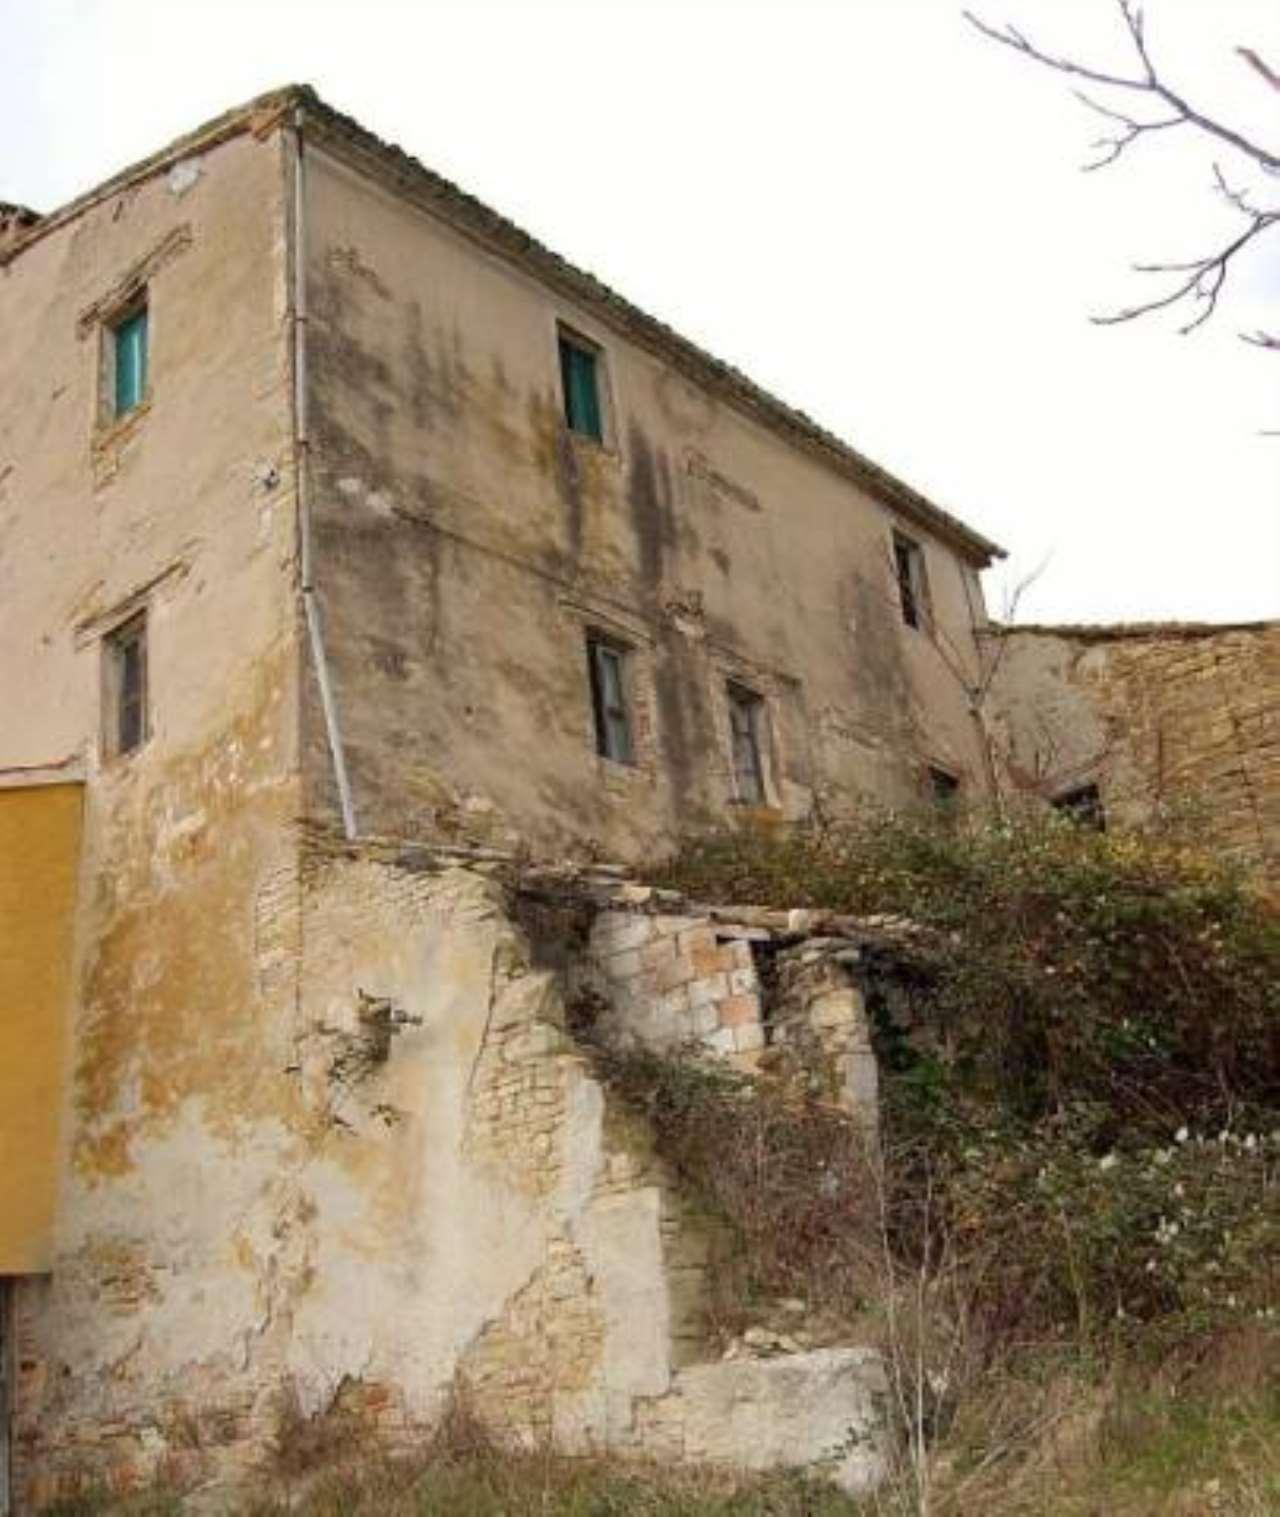 Rustico / Casale in vendita a Treia, 6 locali, prezzo € 75.000 | CambioCasa.it